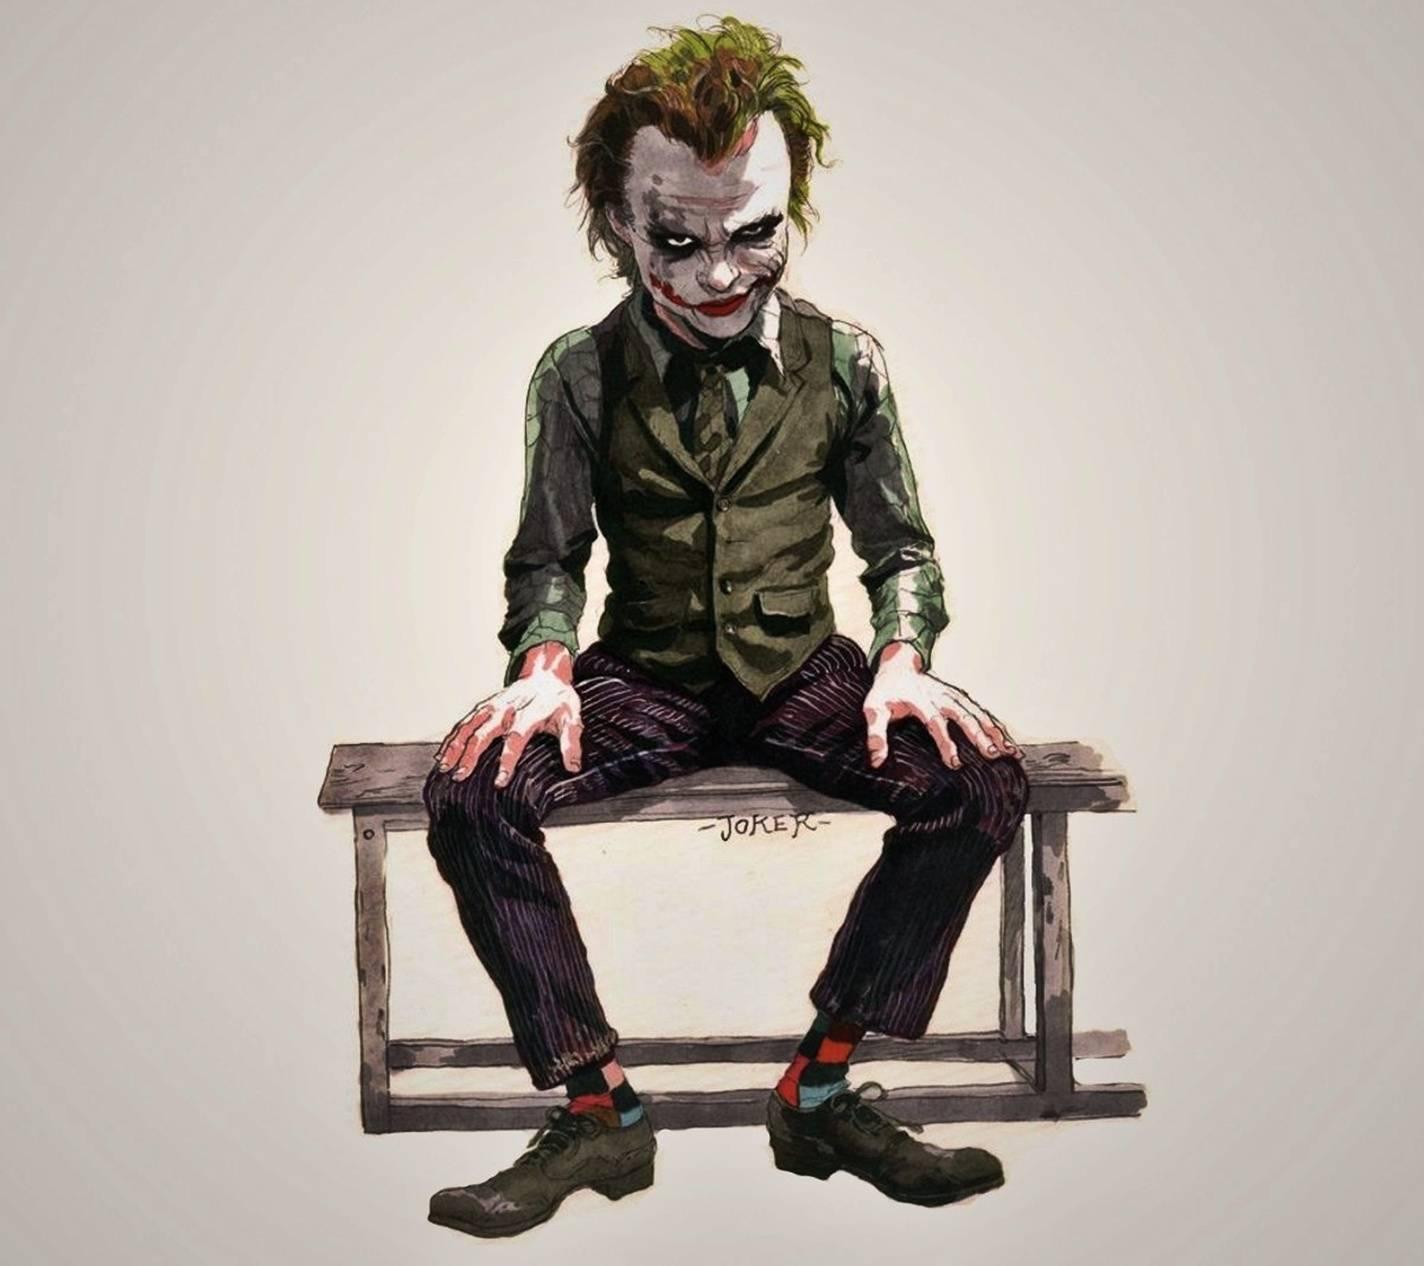 joker artistic